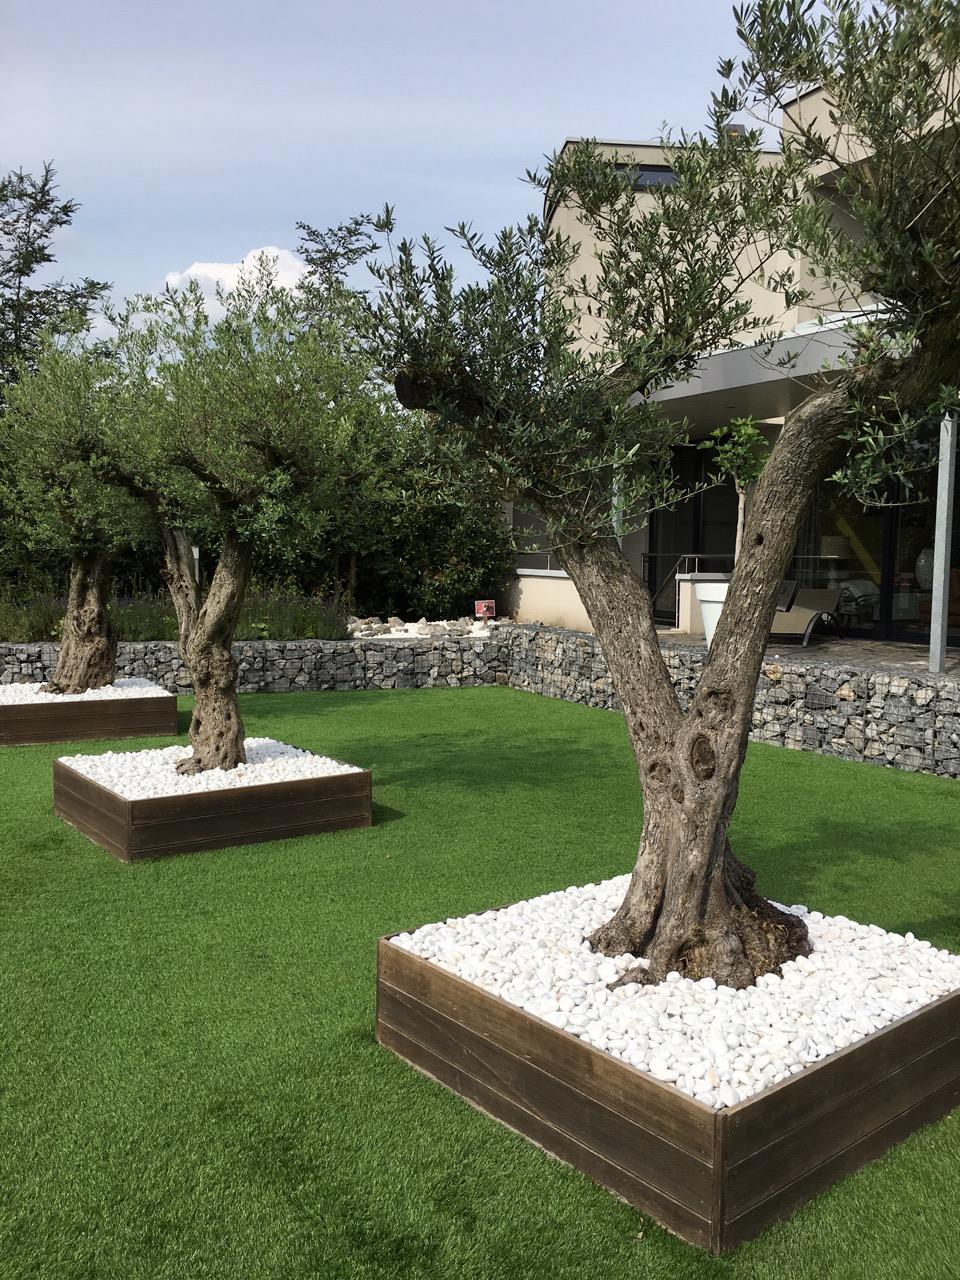 Tuininspiratie: olijfbomen in houten bakken met sneeuwwitte marmergrind via Amagard.com #marmergrind #grind #tuininspiratie #amagard